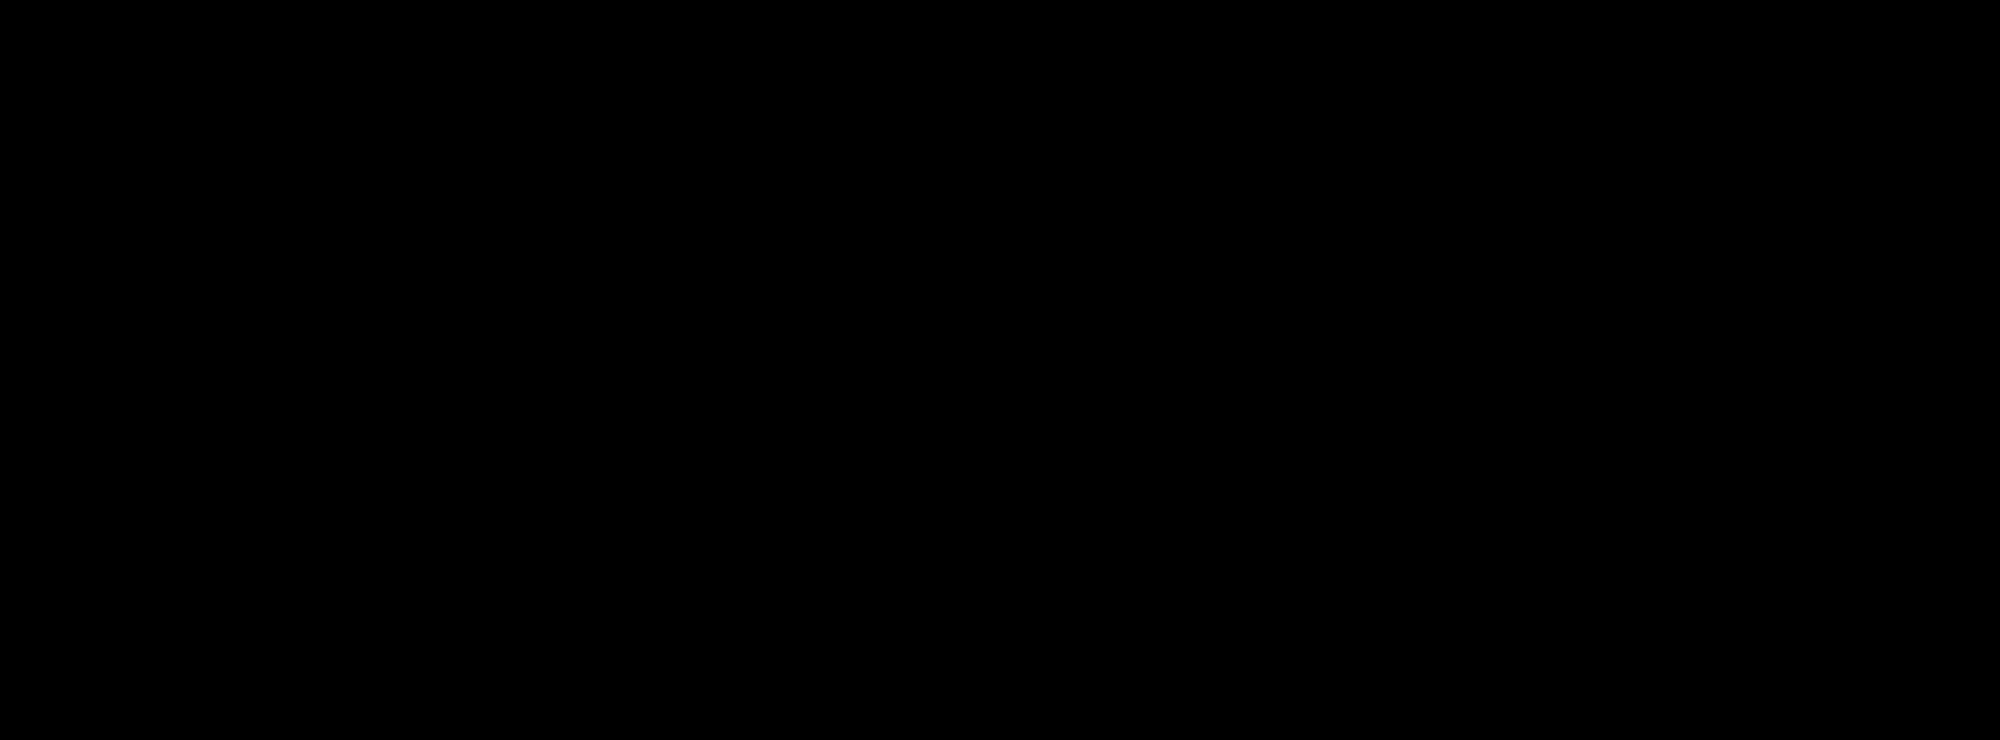 themovingmall.com-logo (89077077-3c64-458f-b815-0d94e8e58286)